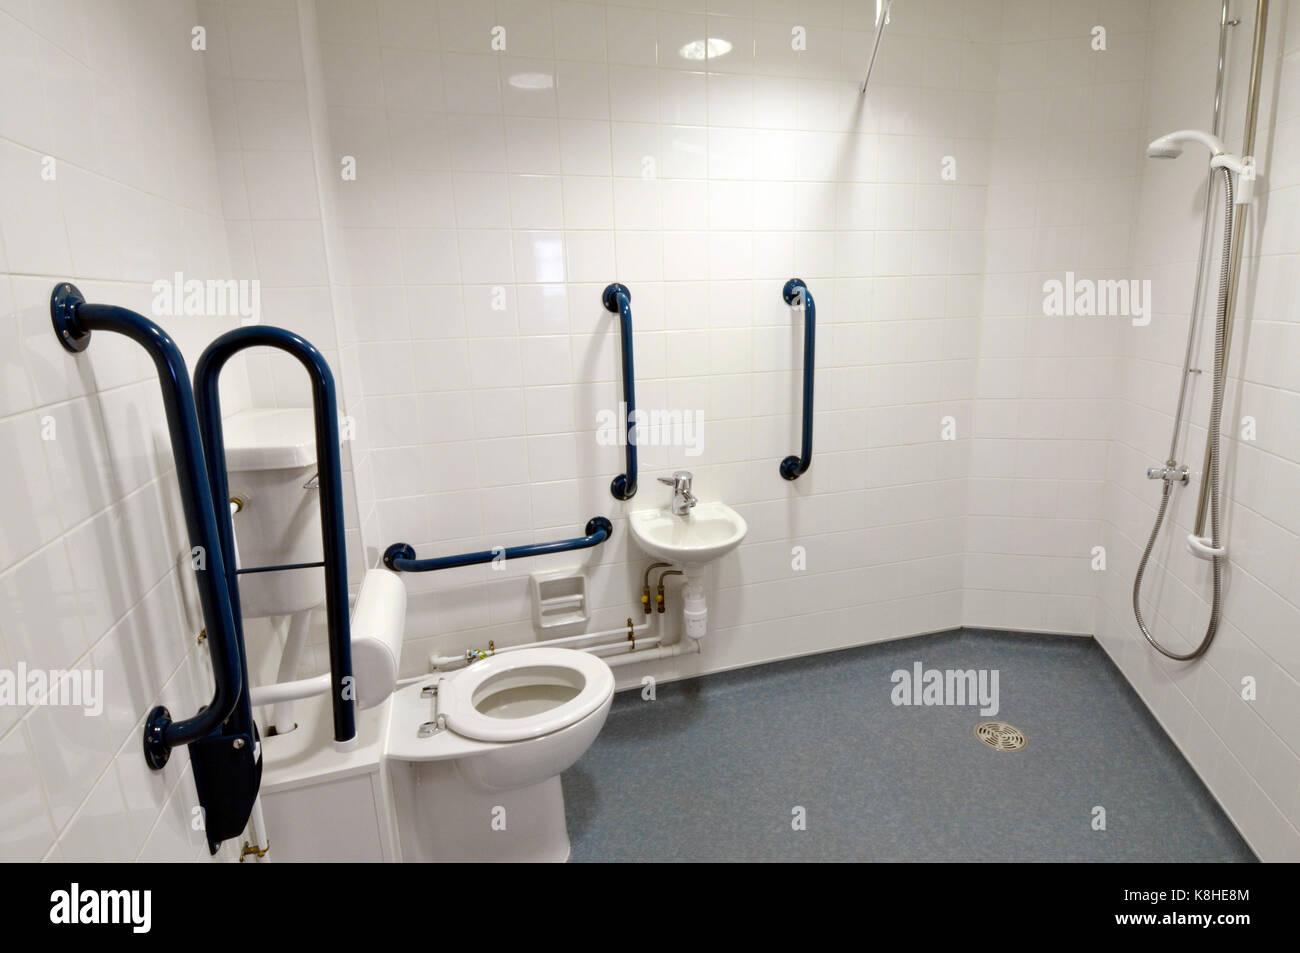 Toilette Da Bagno : Toilette per disabili e stanze da bagno di lavaggio in un ufficio